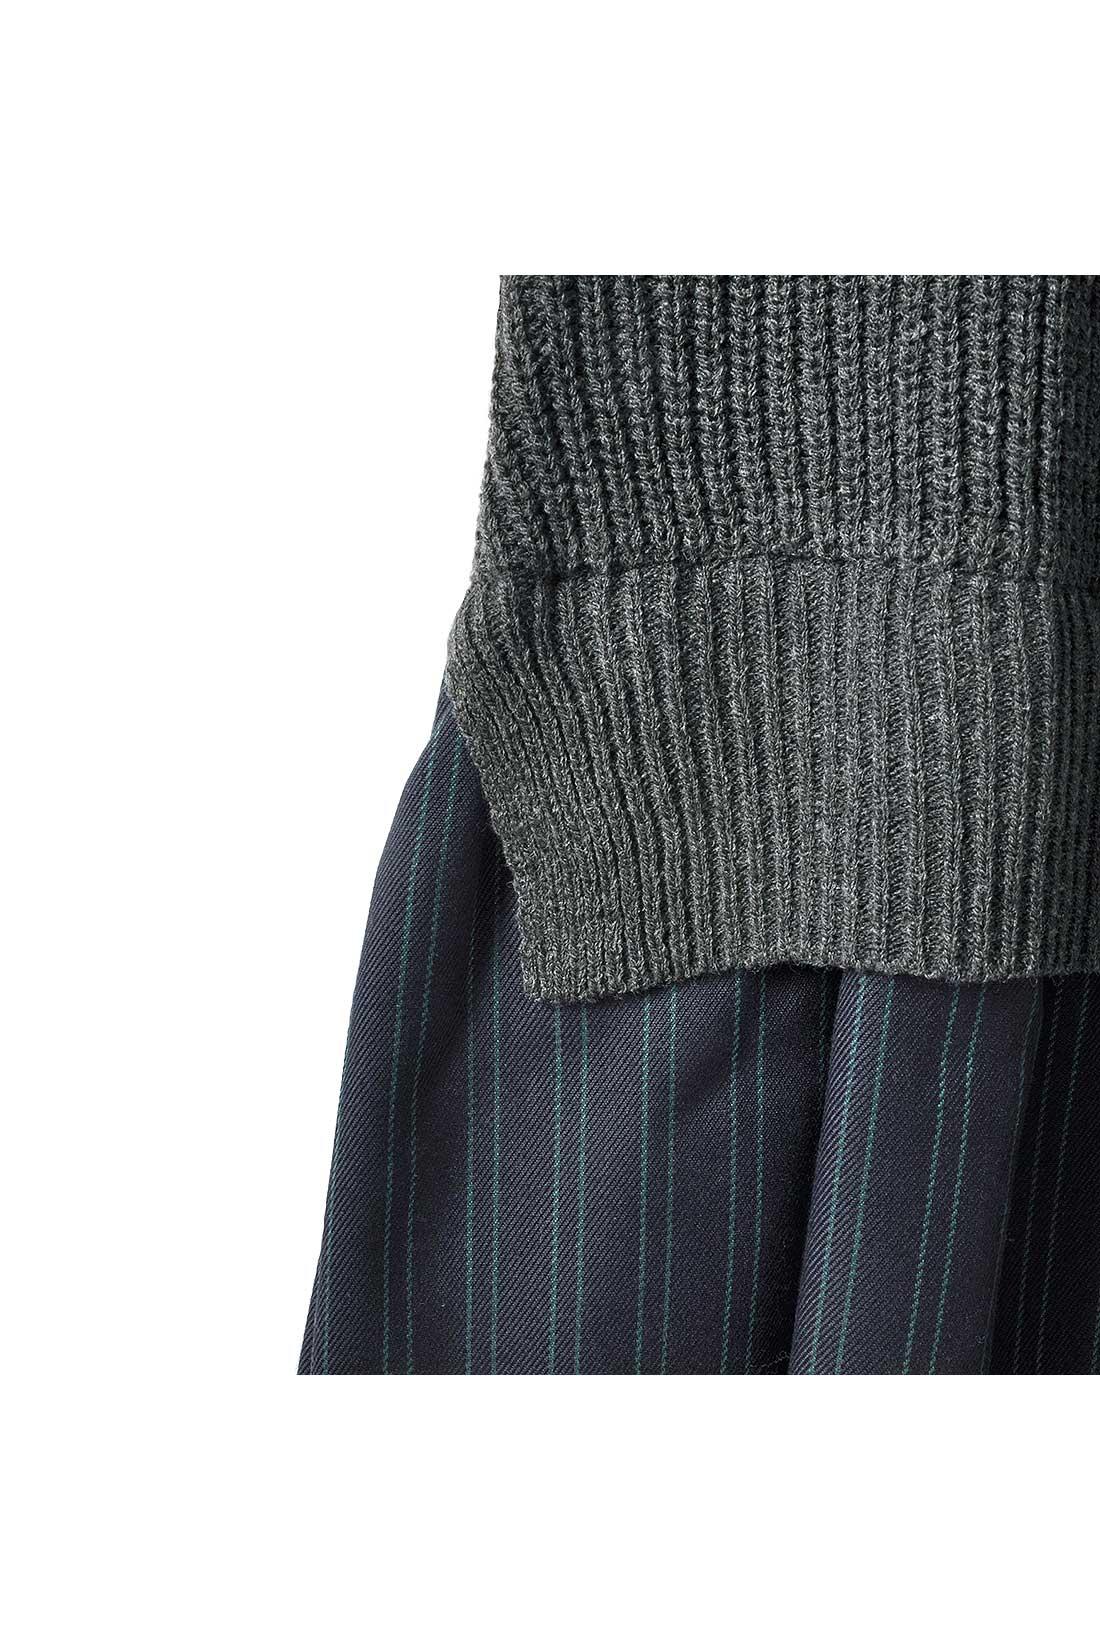 片あぜ編みのニットとメンズライクなピンストライプ布はくのコンビネーション。